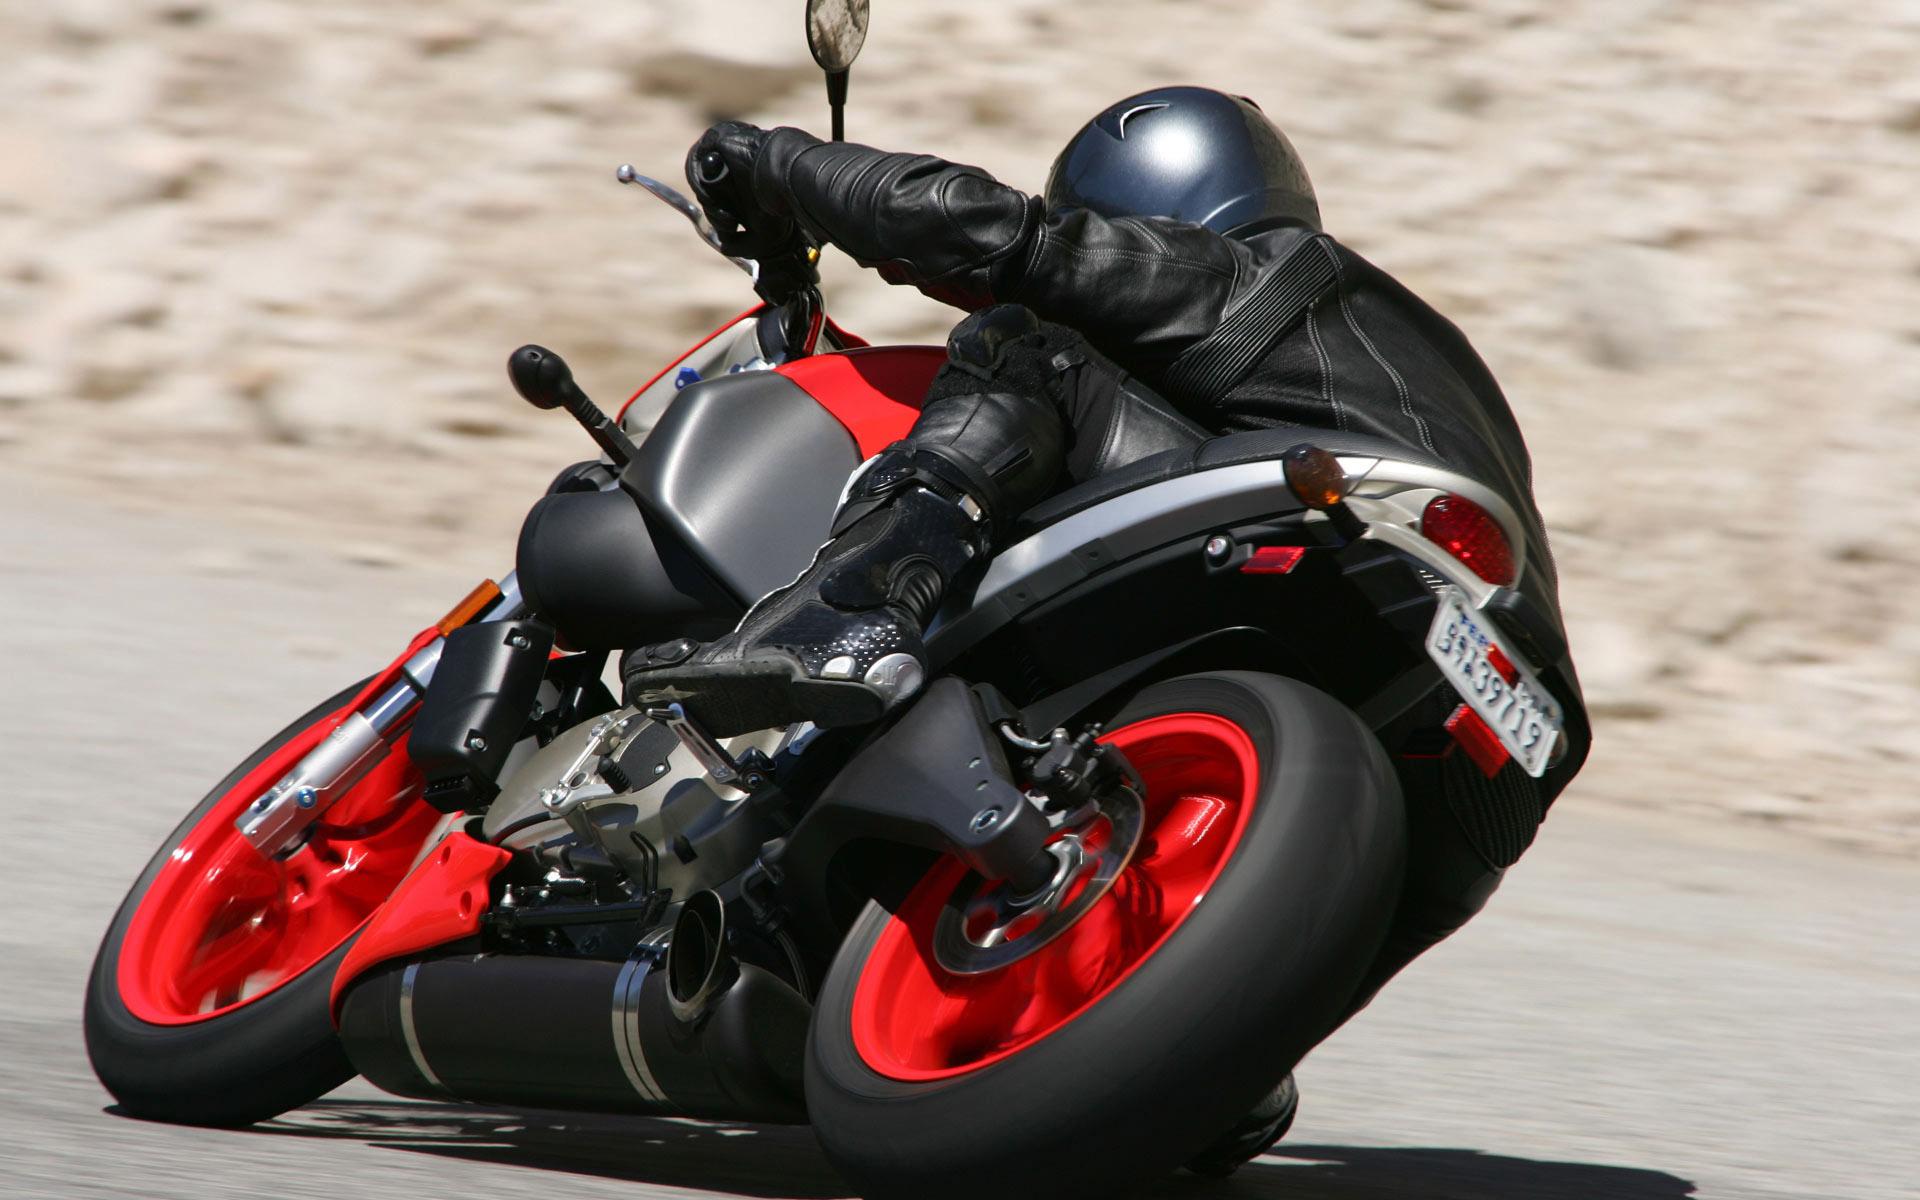 много картинок с мотоциклами показываете